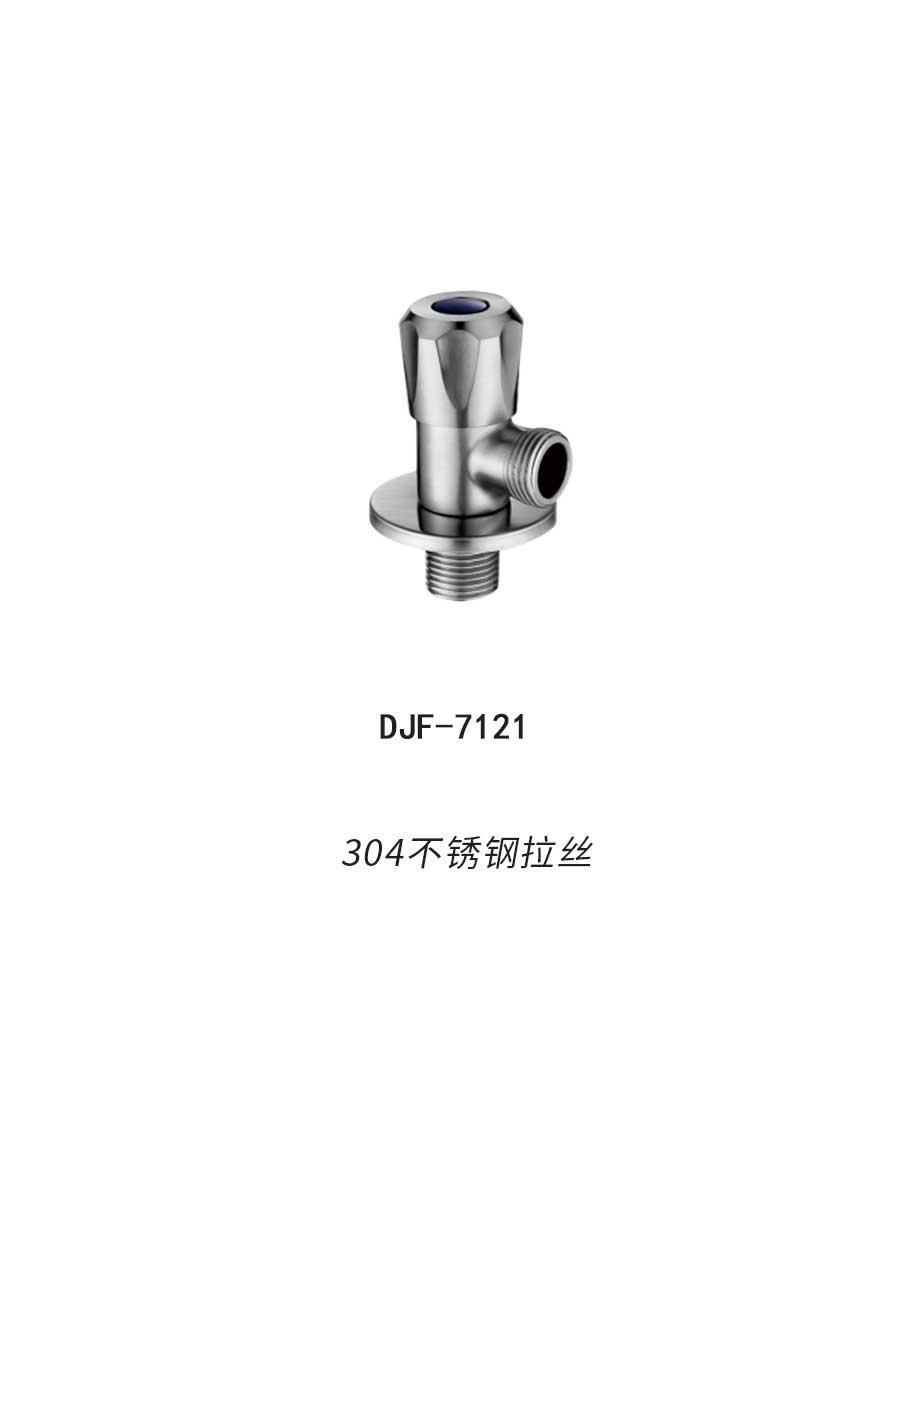 DJF-7121 (2).jpg